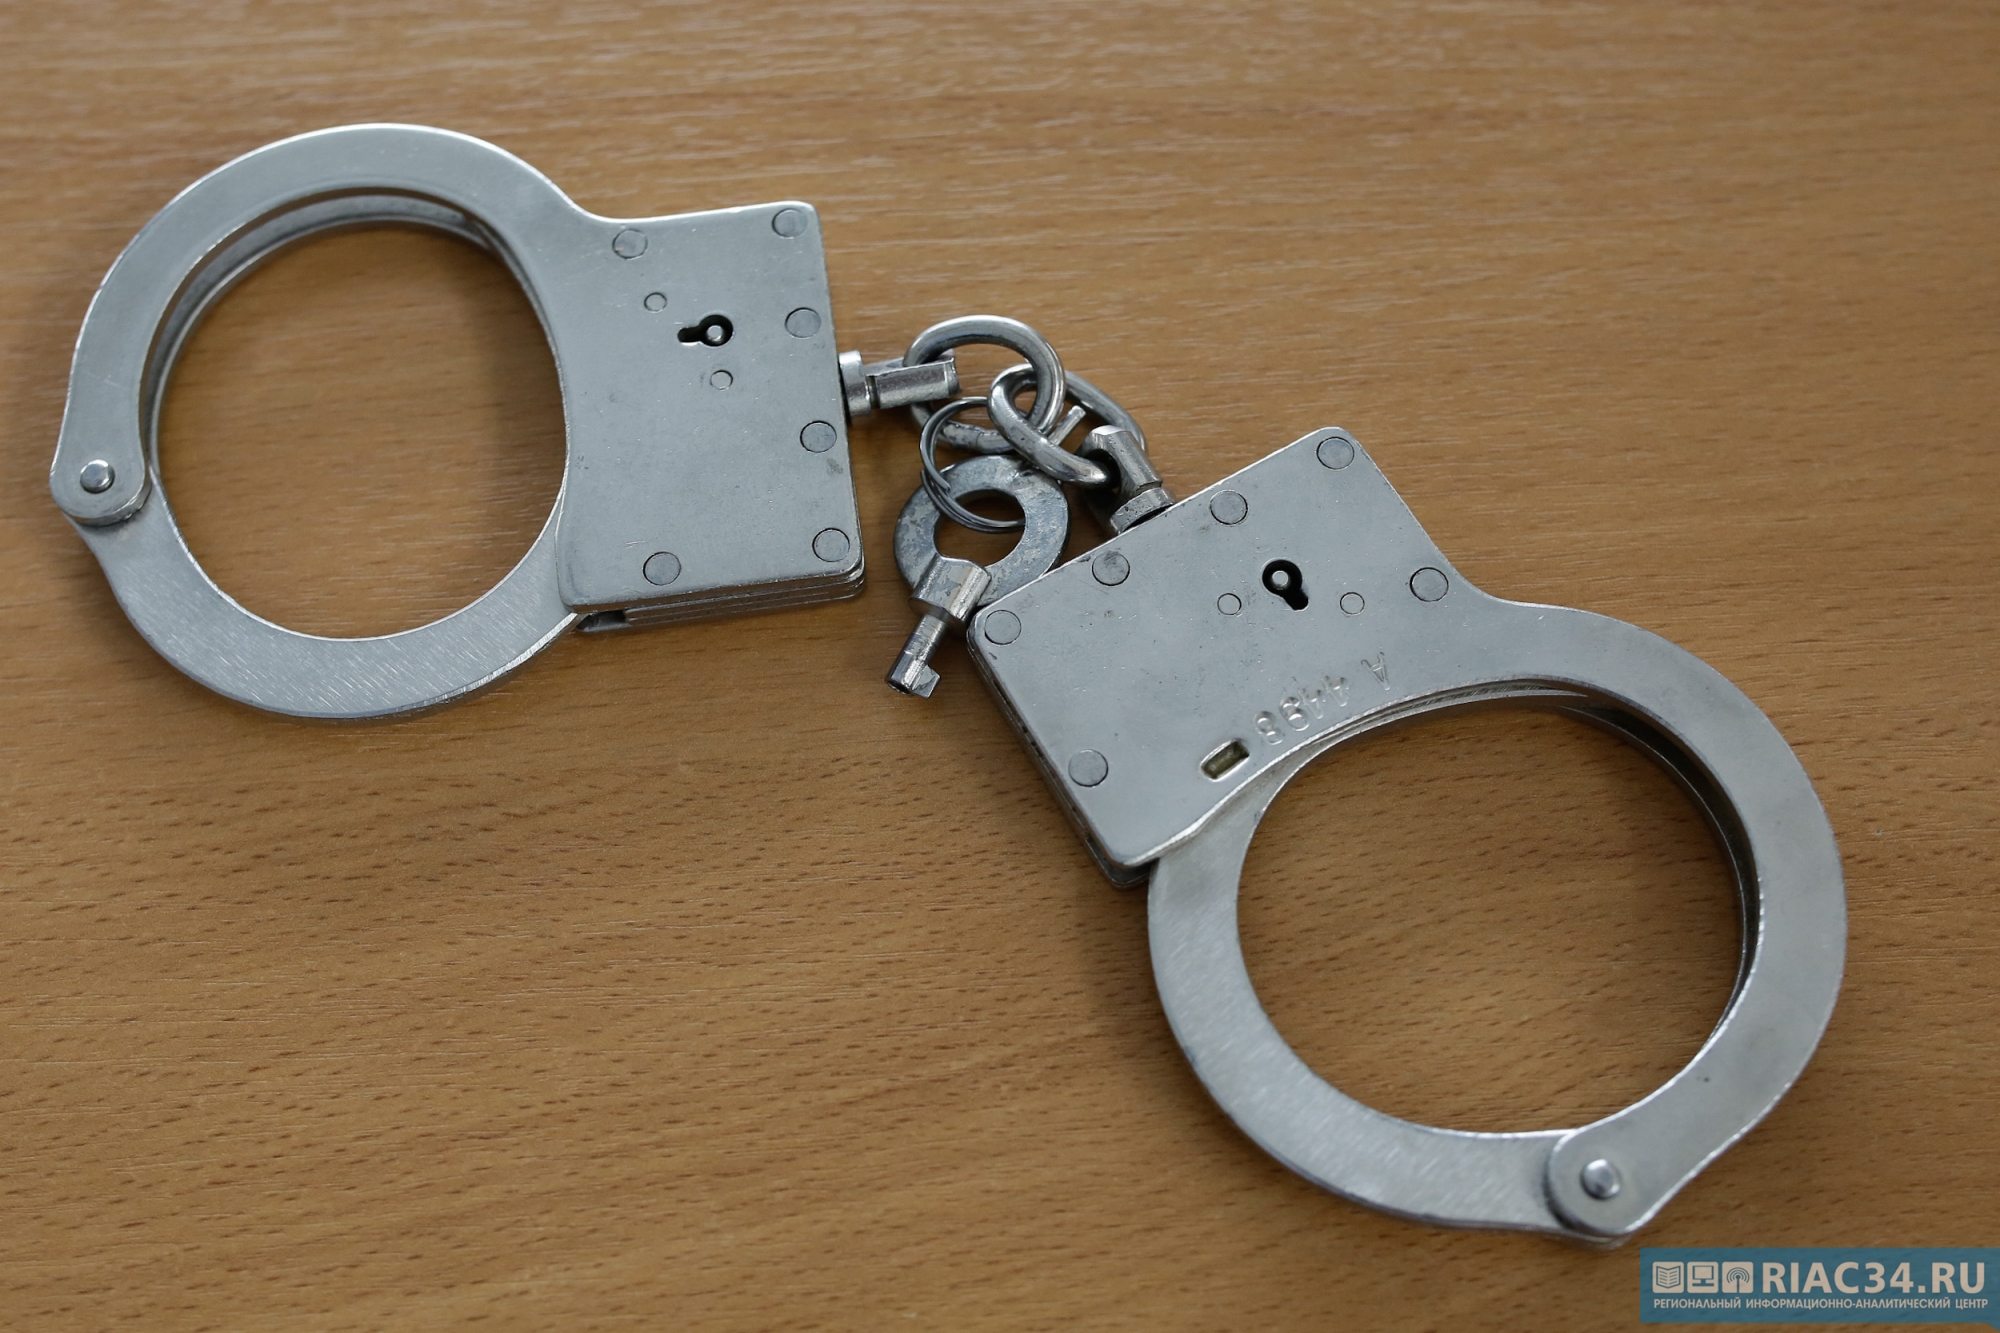 ВВолгограде задержали подозреваемых в10 кражах воров-домушников